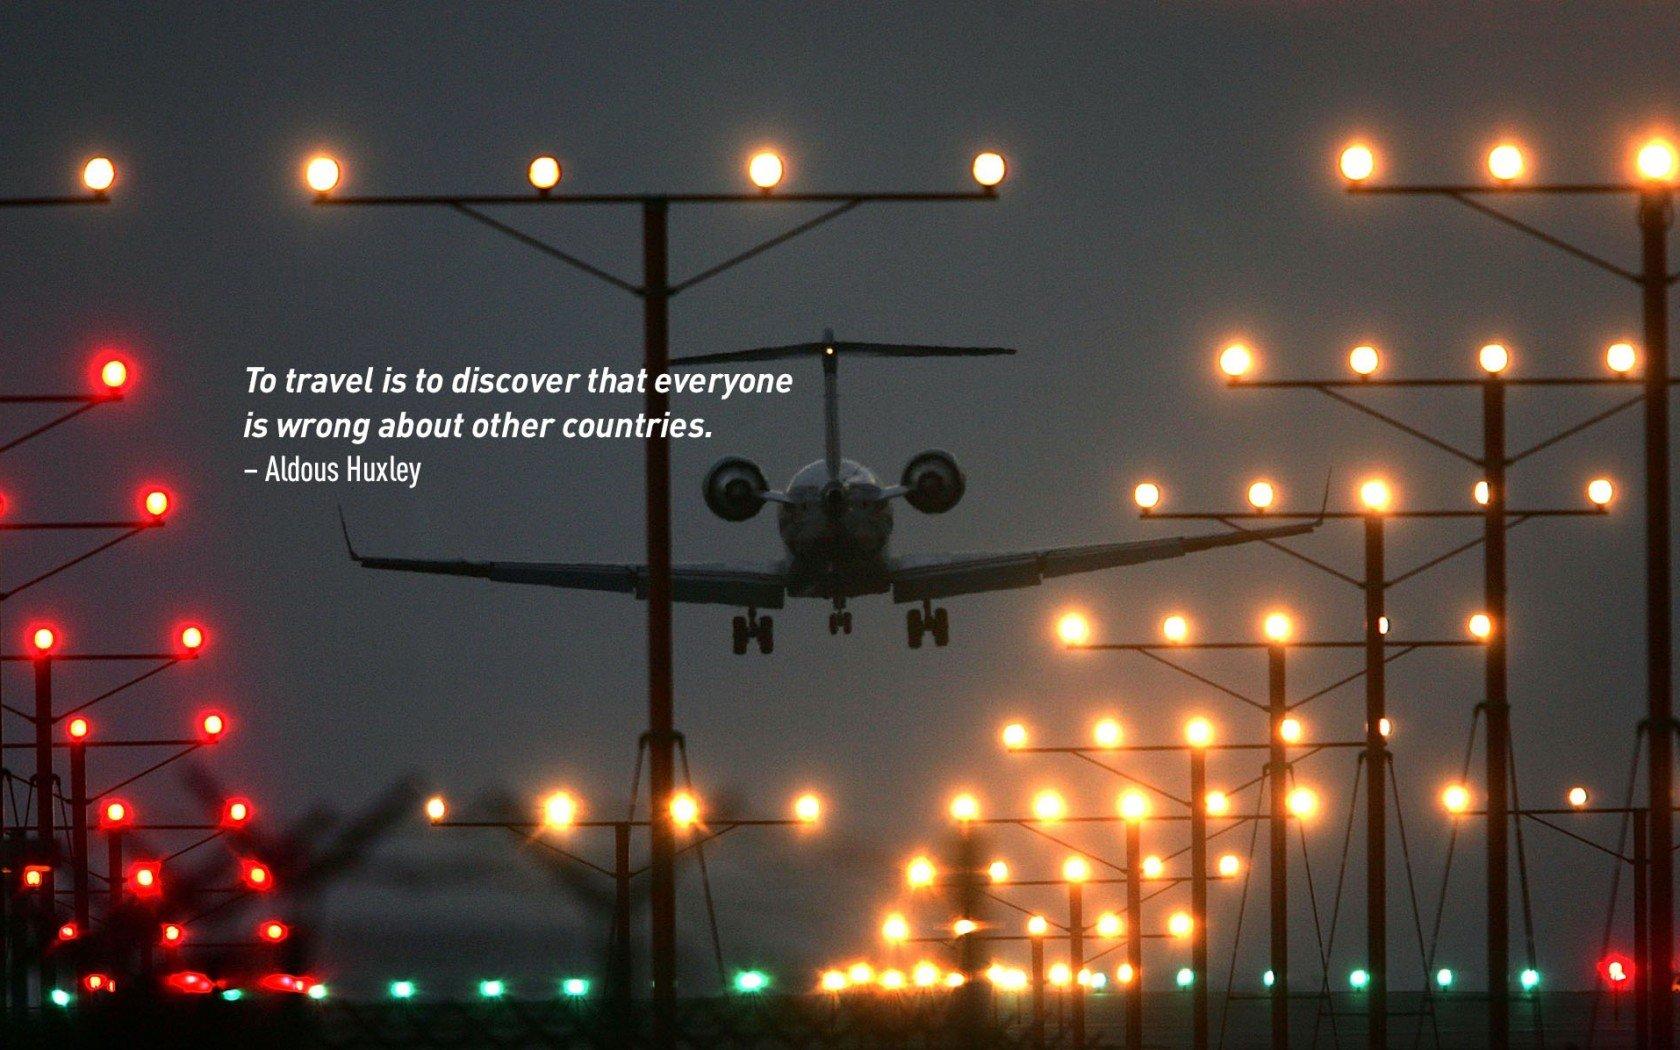 Citation inspirante de voyage par Aldous Huxley. Avion effectuant un atterrissage de nuit.